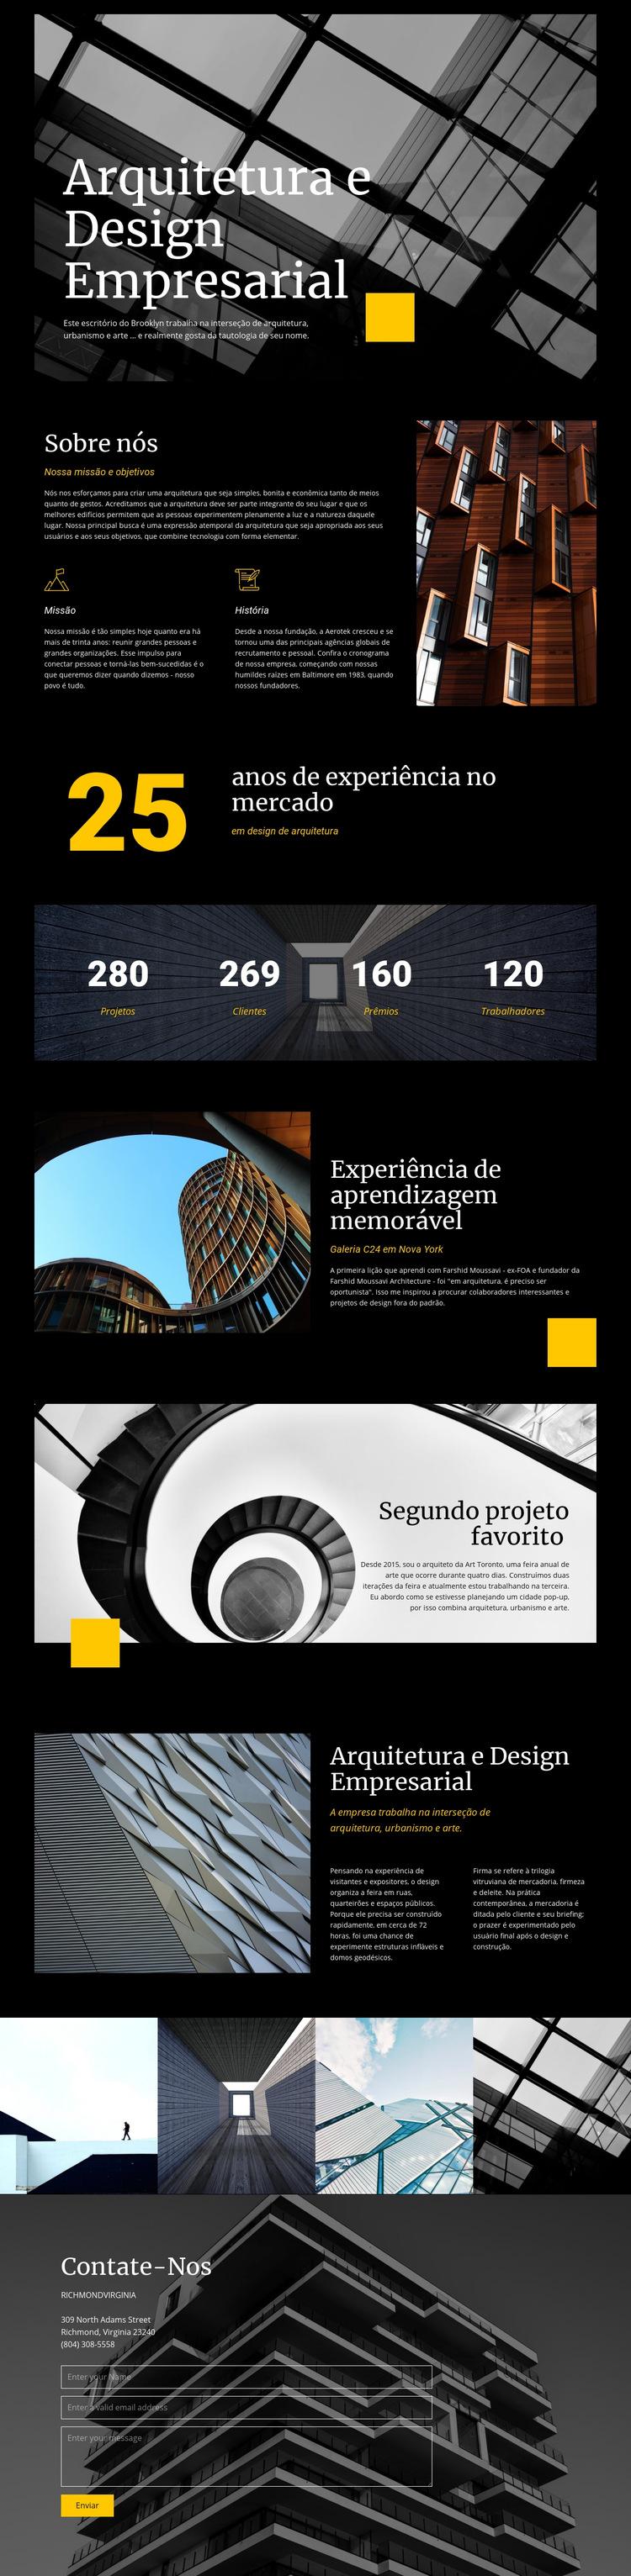 Arquitetura e design empresarial Modelo de site